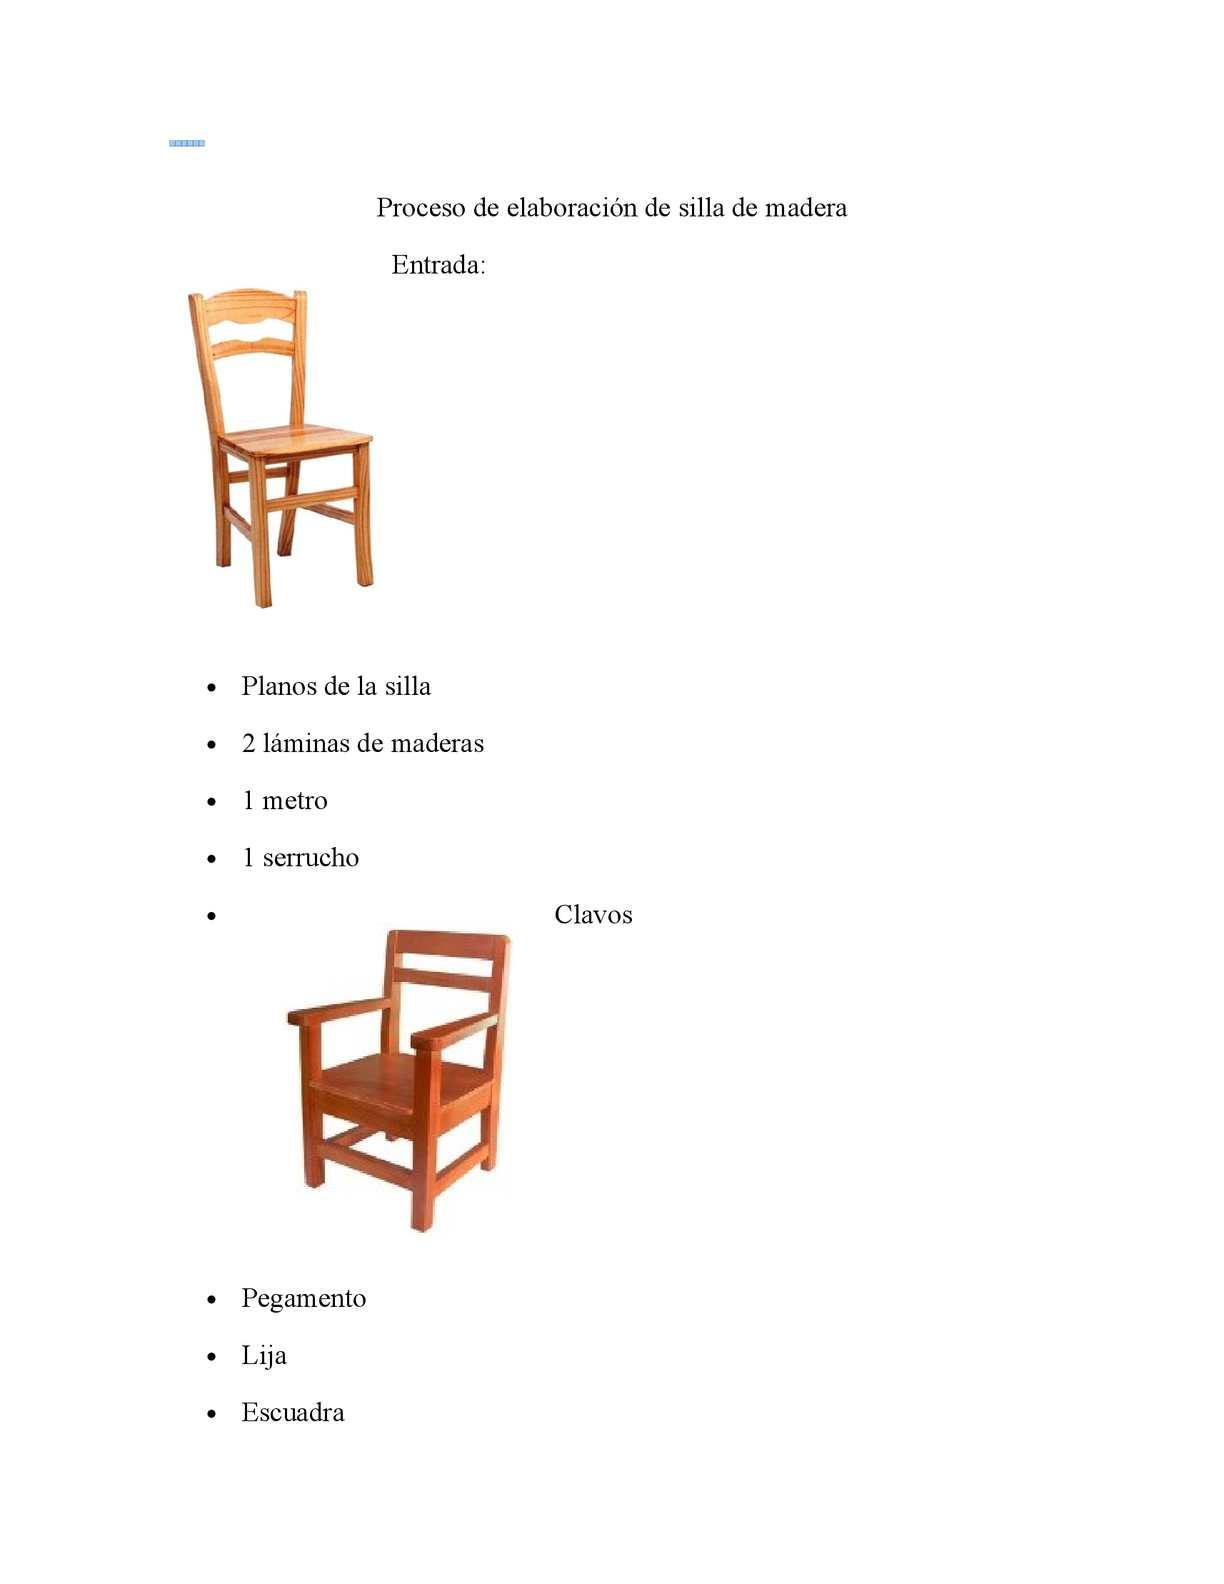 Calam o proceso de elaboraci n de silla de madera - Materiales para tapizar una silla ...